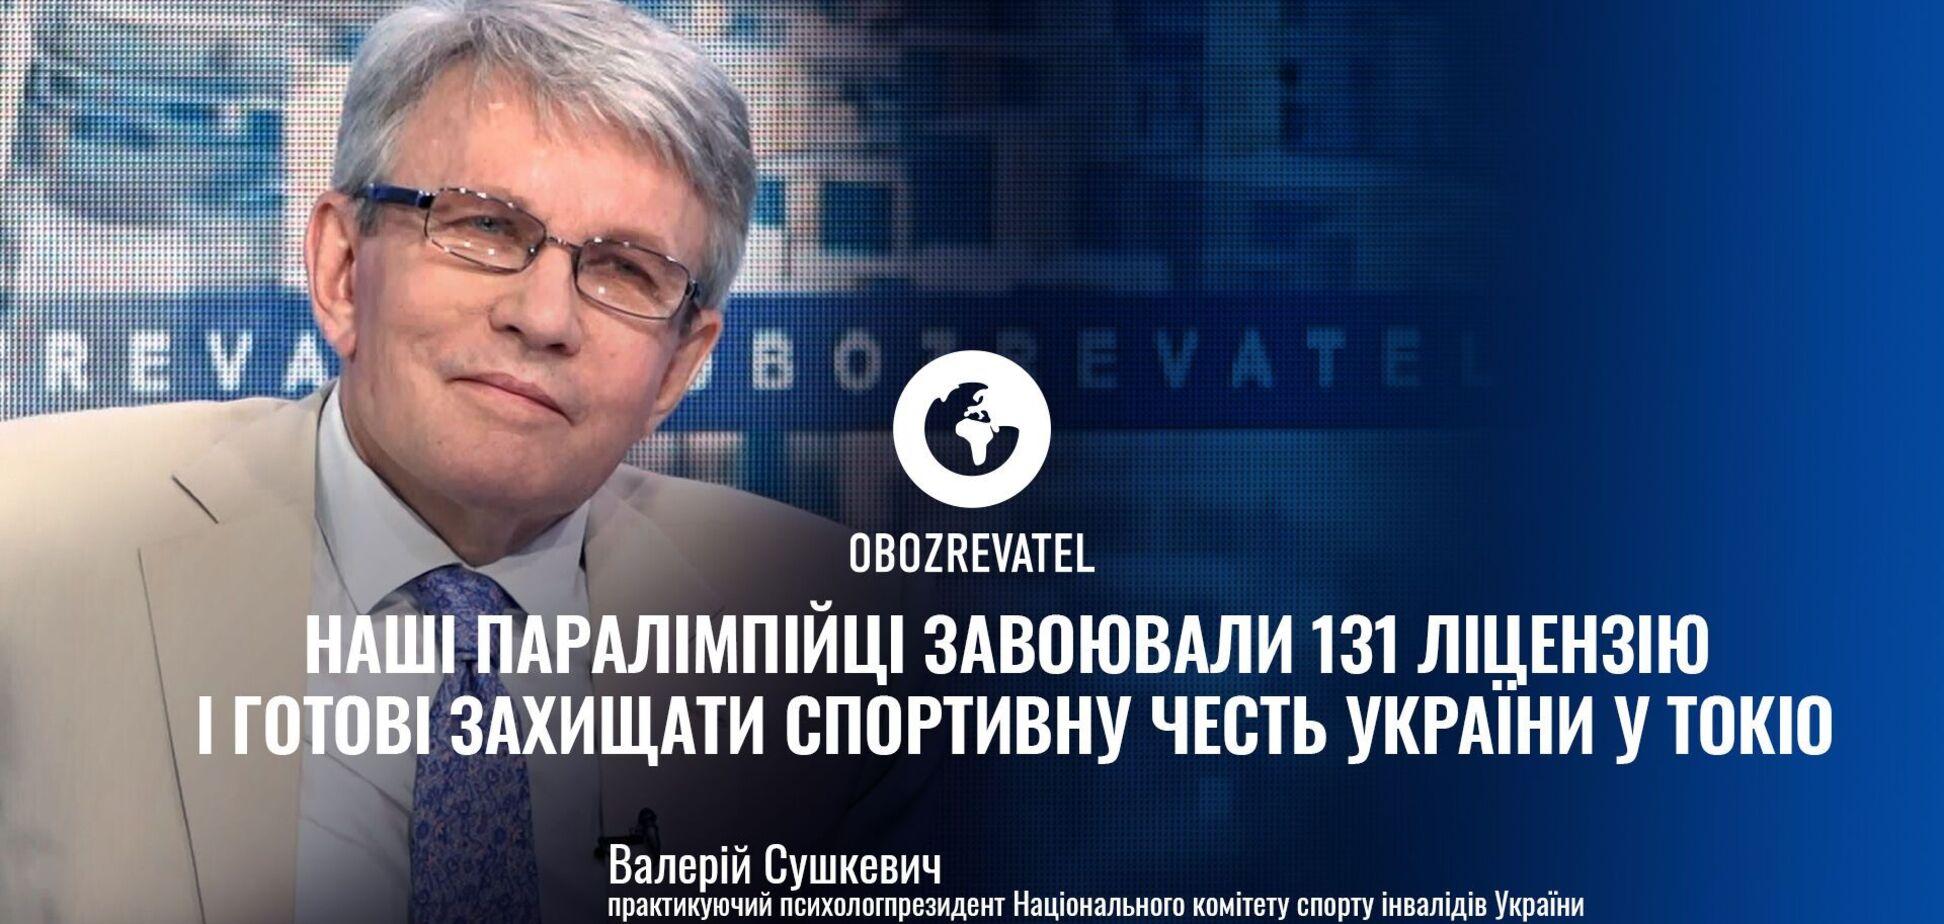 XVI Паралимпиада будет особенной, потому что начнется в день украинской независимости, – Валерий Сушкевич